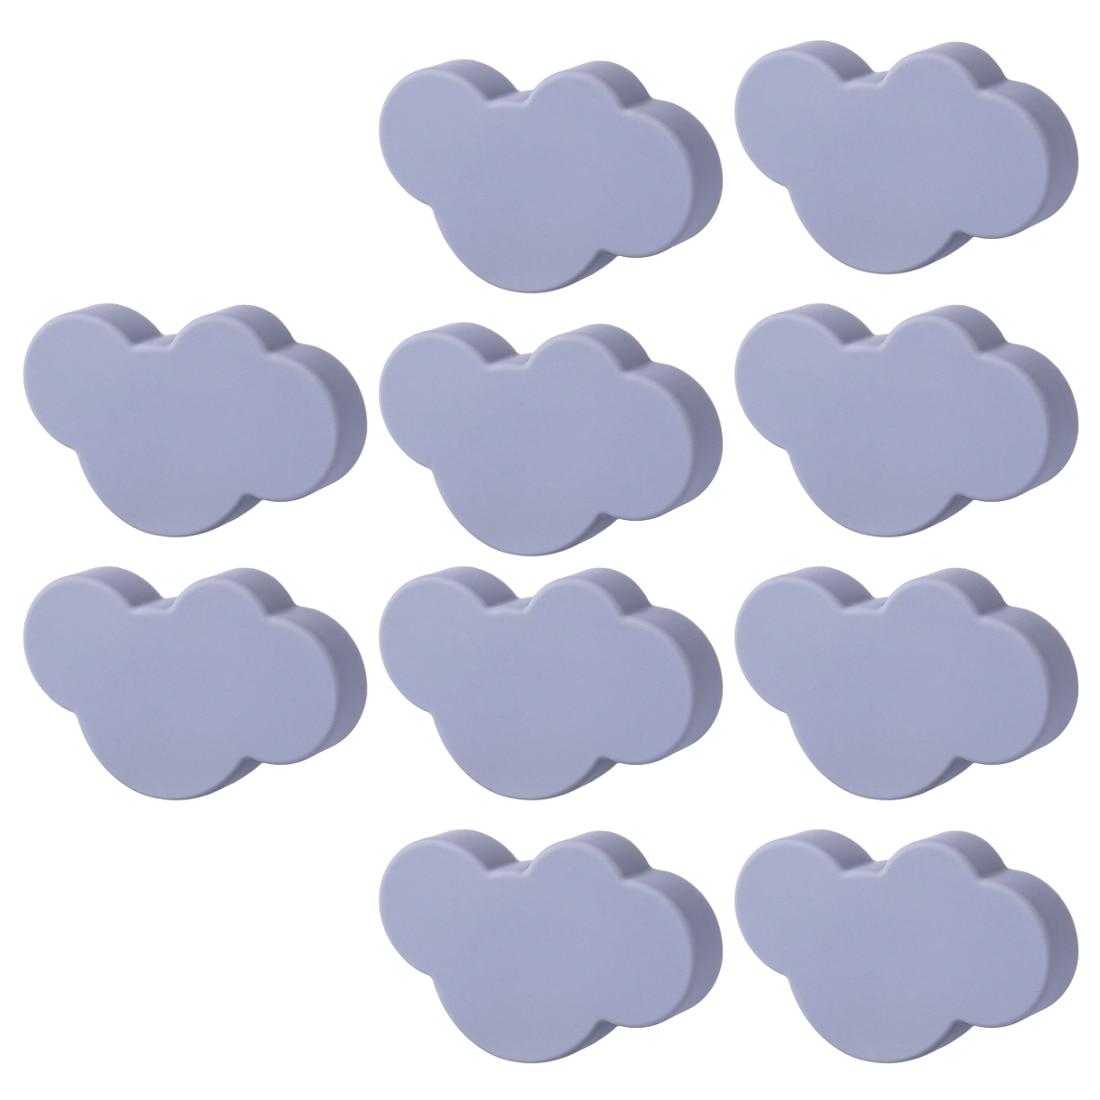 6 шт./8 шт./10 шт. ручка дверного шкафа в виде облака ПВХ ручка для выдвижных ящиков ручки и ручки для мебели-маленькие белые облака